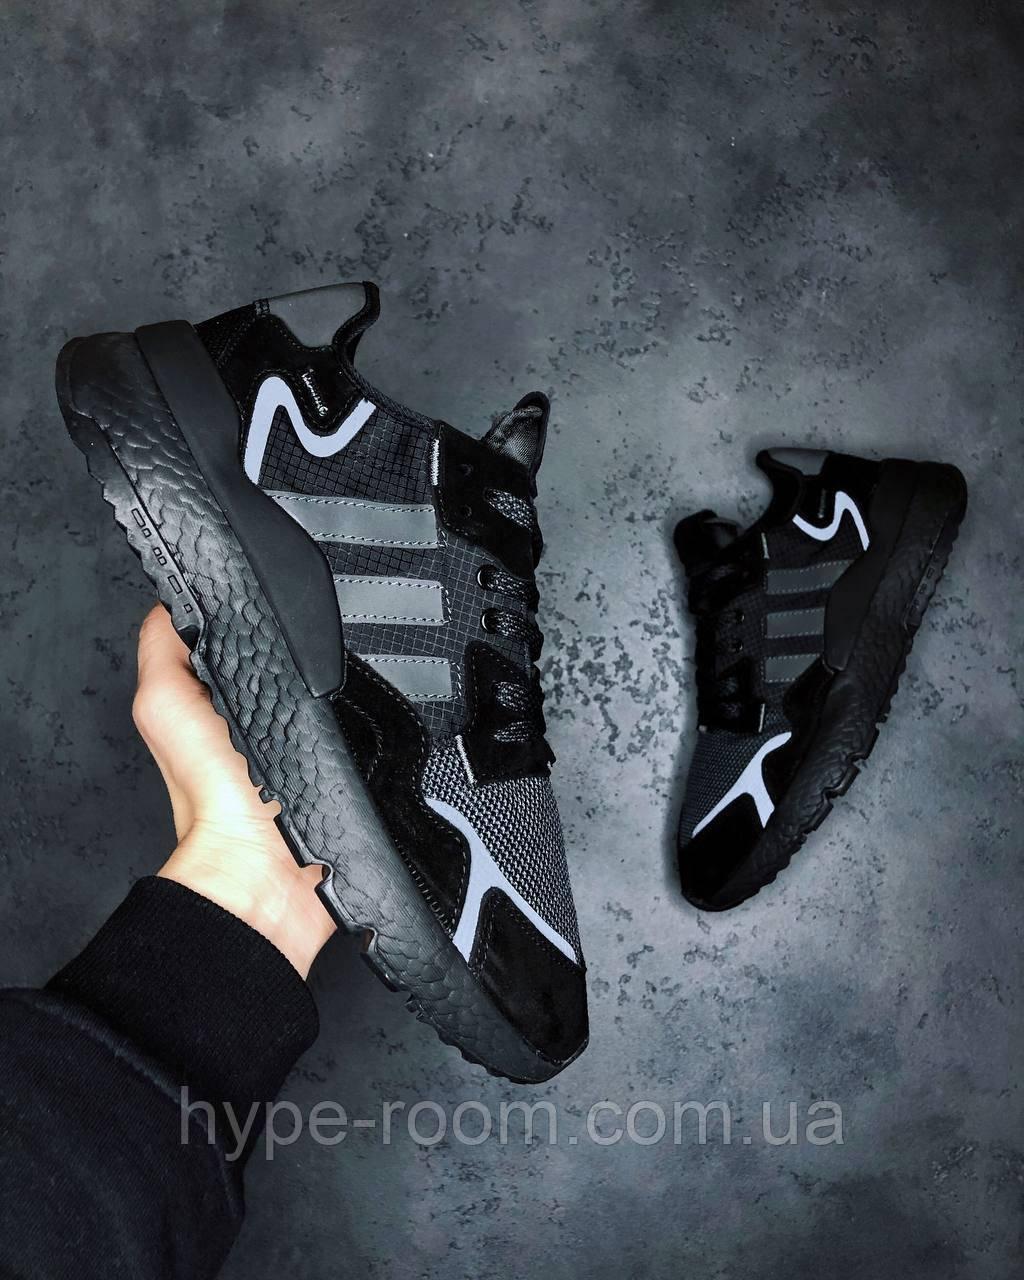 Мужские Кроссовки Adidas Nite Jogger All Black адидас найт джоггер